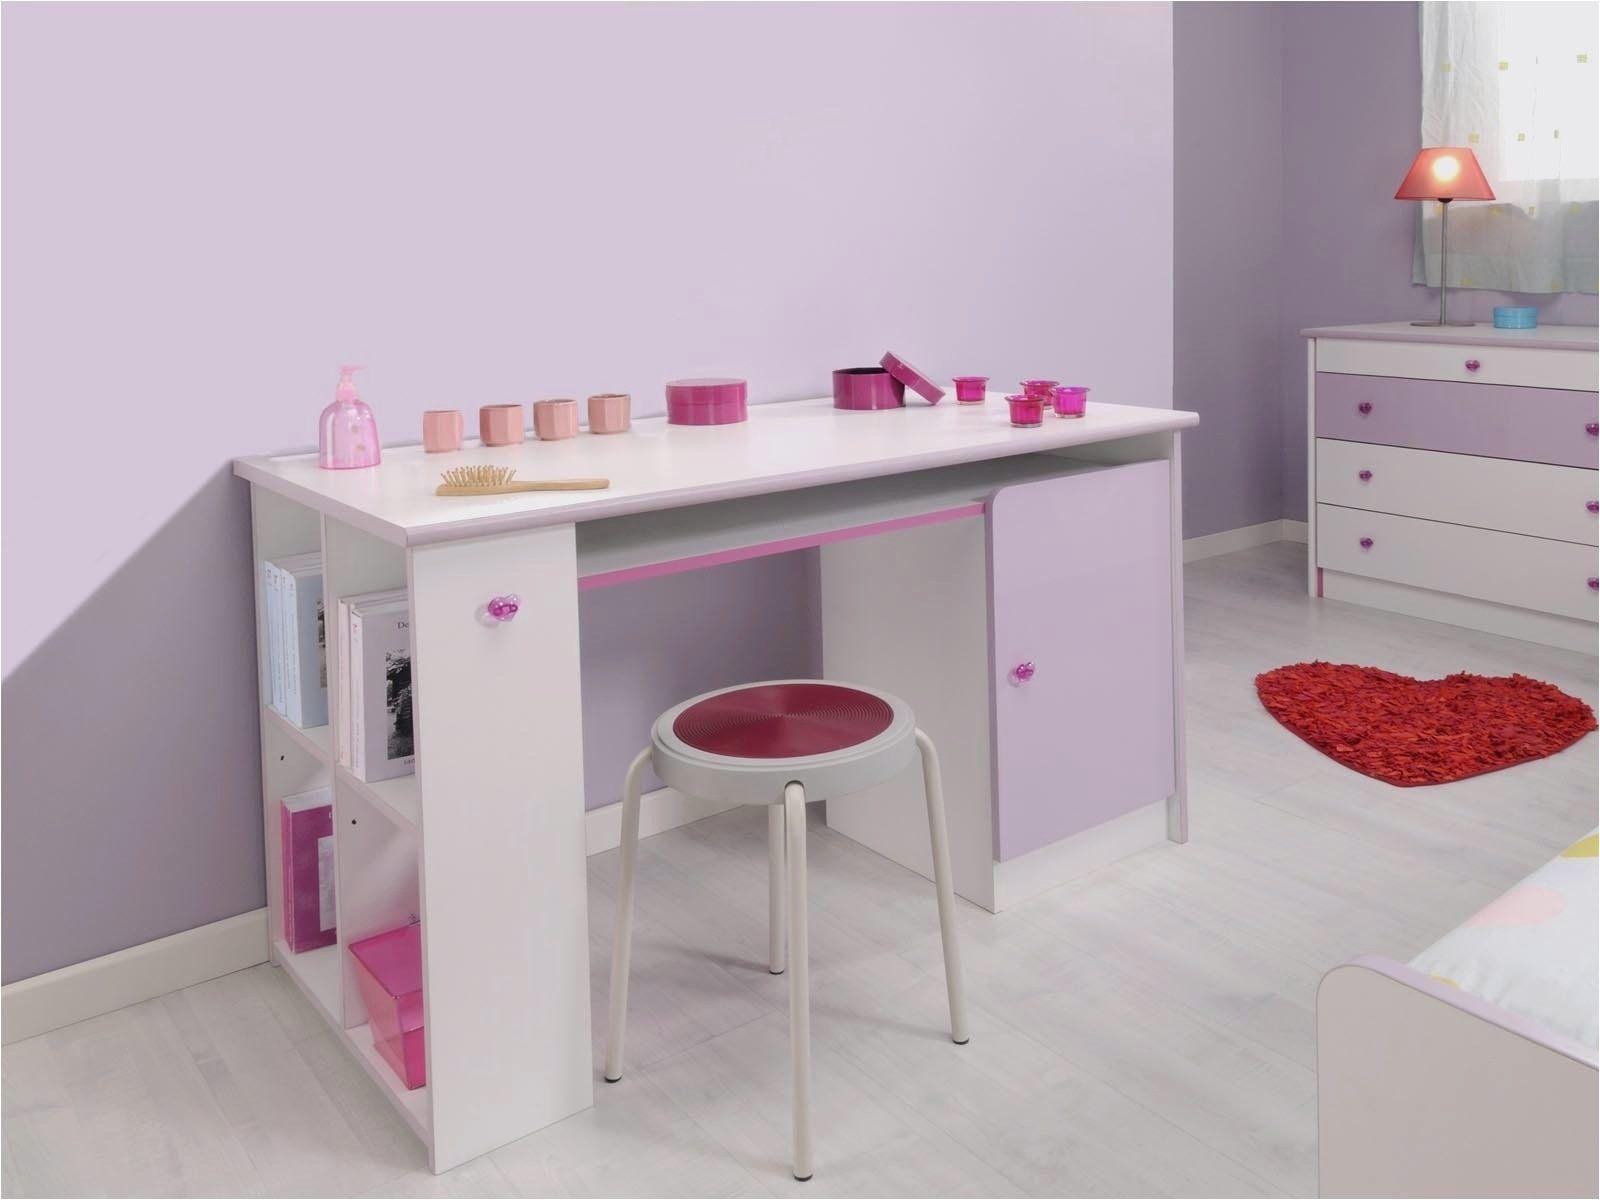 Lit Maison Enfant Bel Bureau Garcon Decoration De Bureau Maison Luxe Bureau Enfant Fait